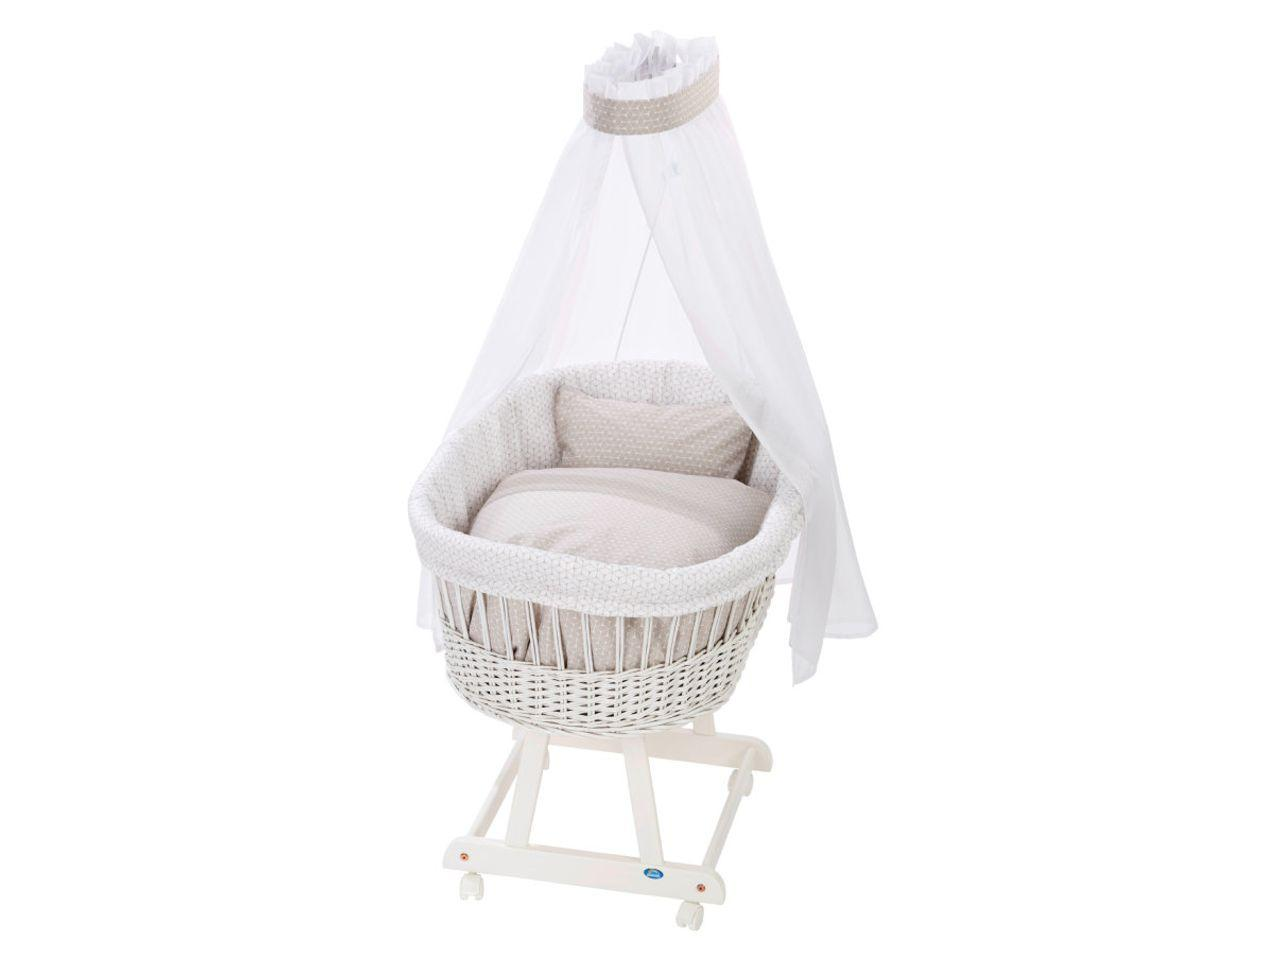 Košík pro miminko s ložní sadou ALVI Birthe, bílý